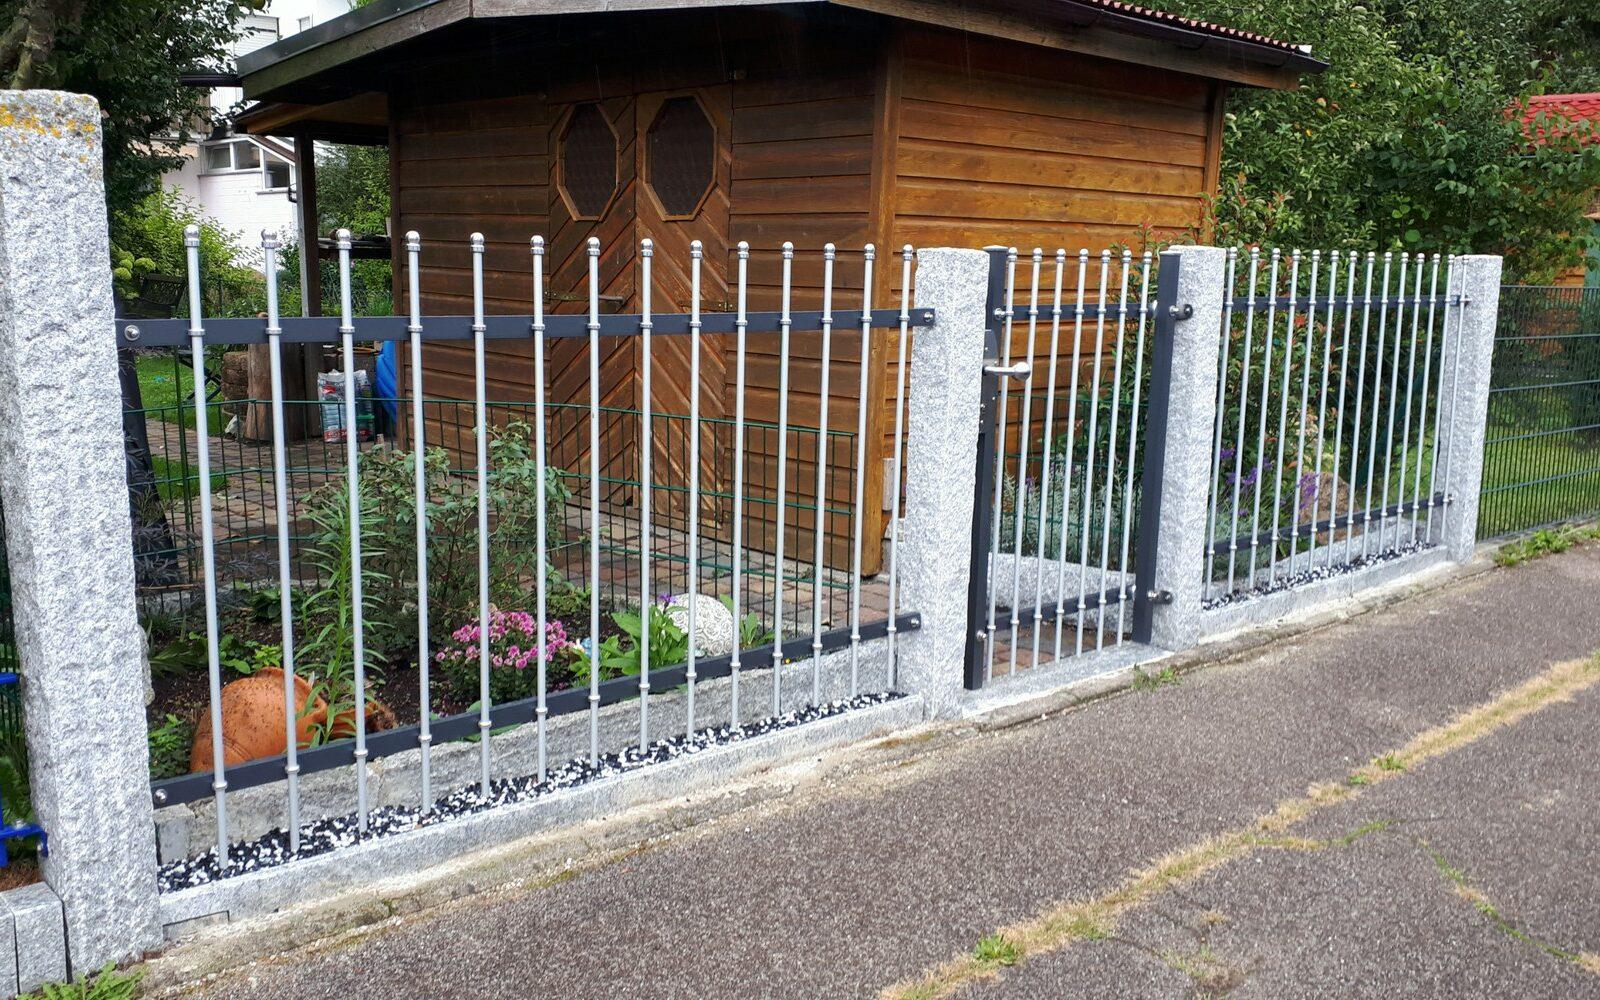 Der moderne Zaun BRILLANT in 2-farbigem Design passt auch gut zu rustikalen Granitstehlen